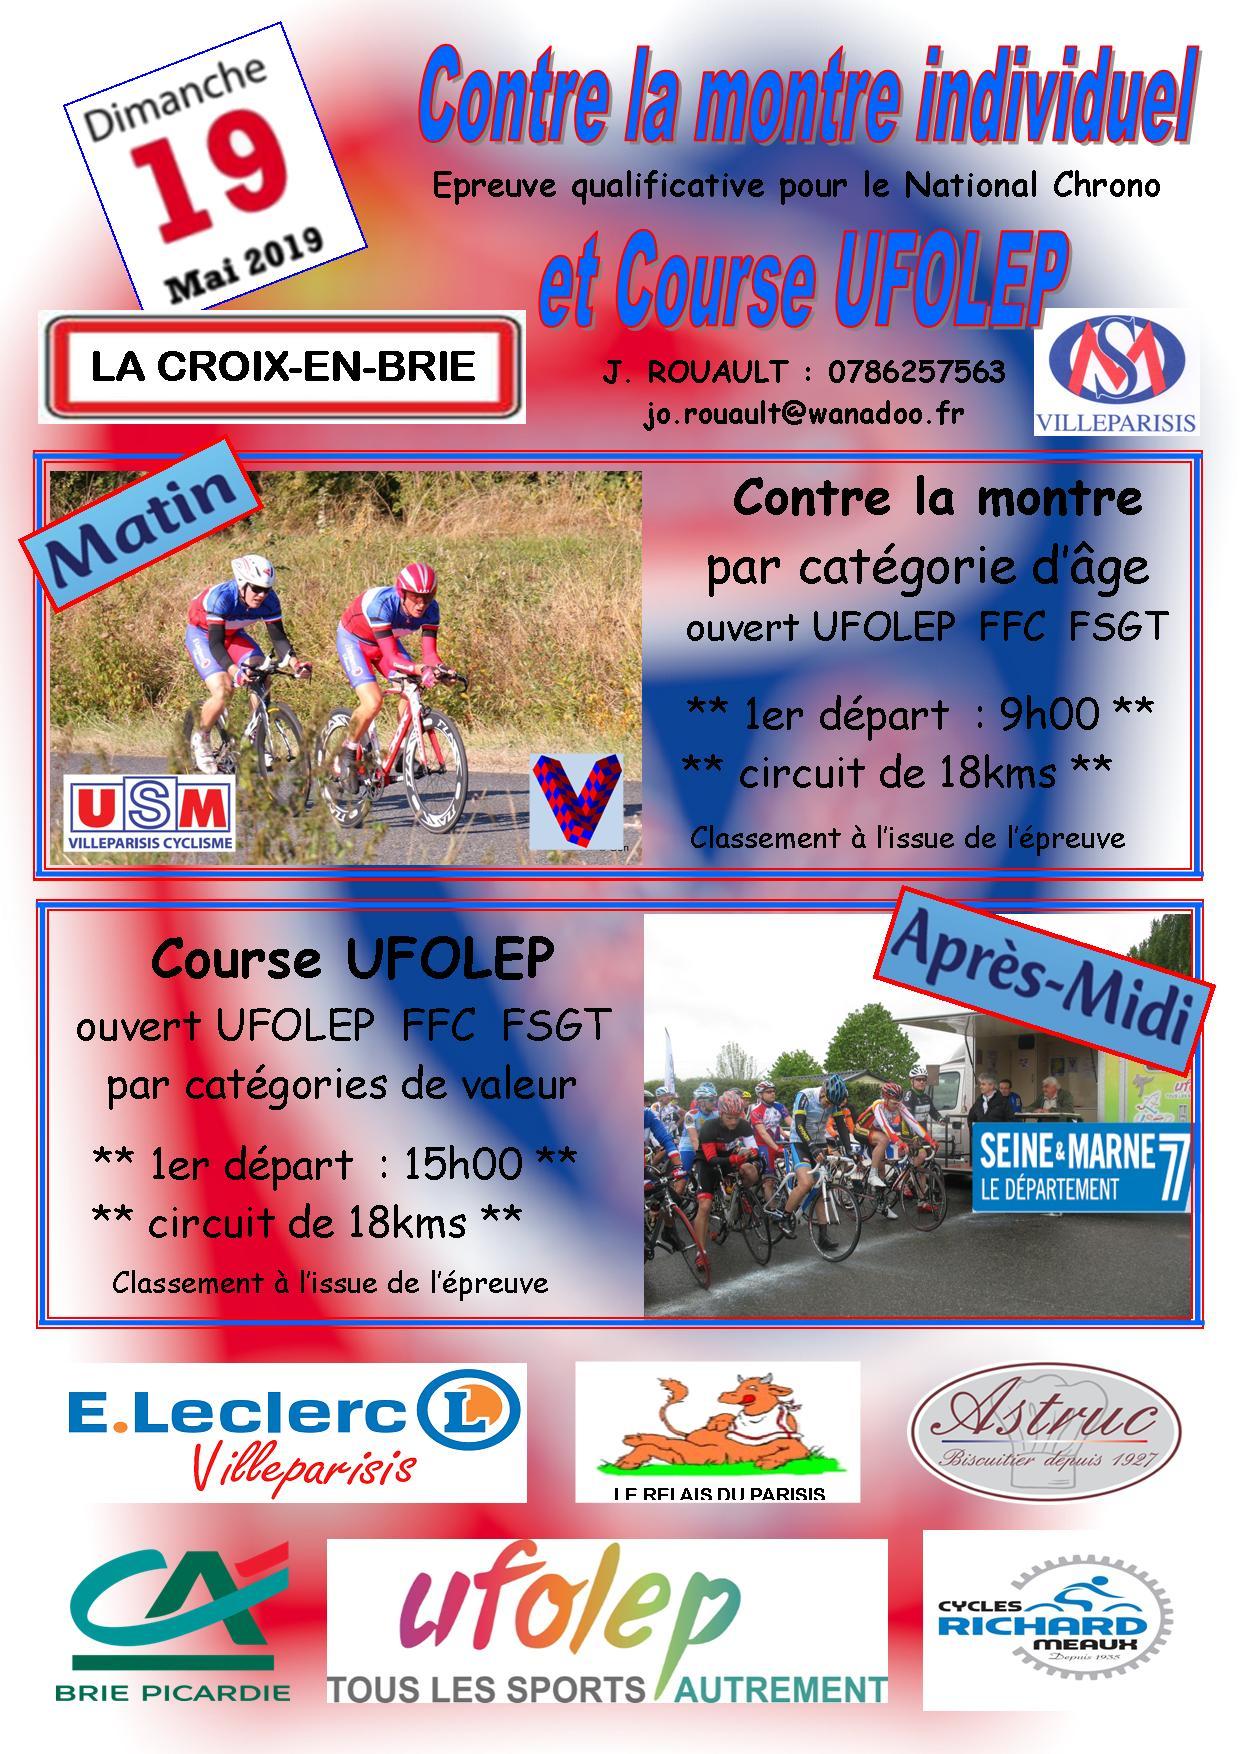 Evenements Sportifs   La croix en brie (77)_UFO   club Cyclisme